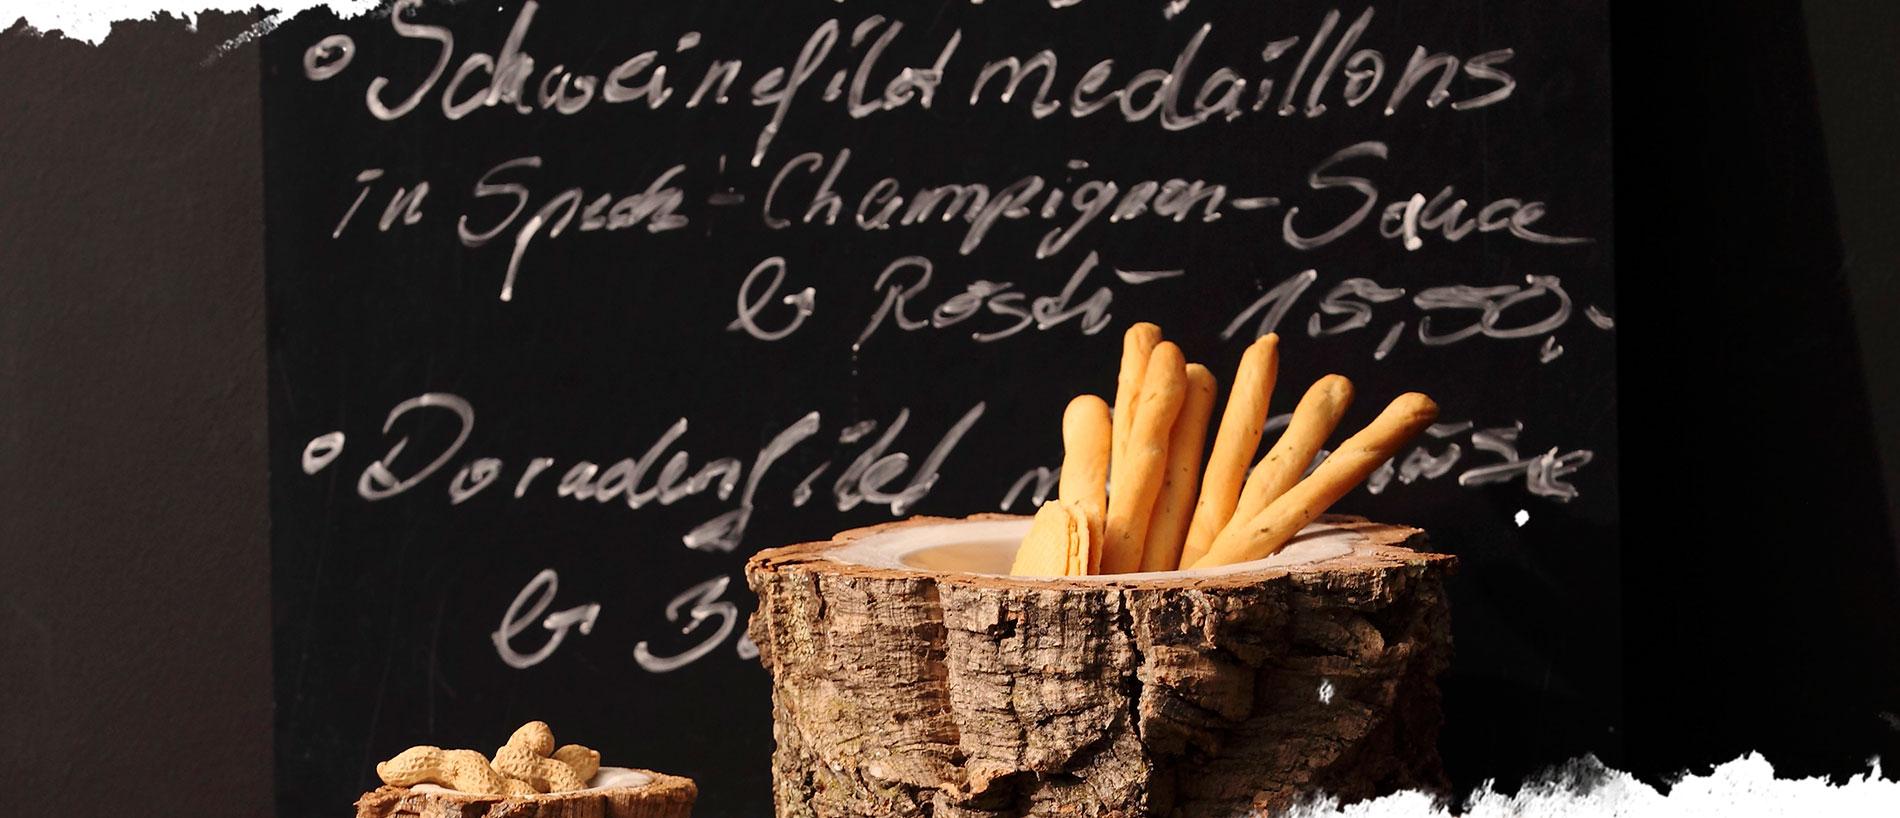 tendances culinaires,dishcrawl, faire la tournée des restaurants